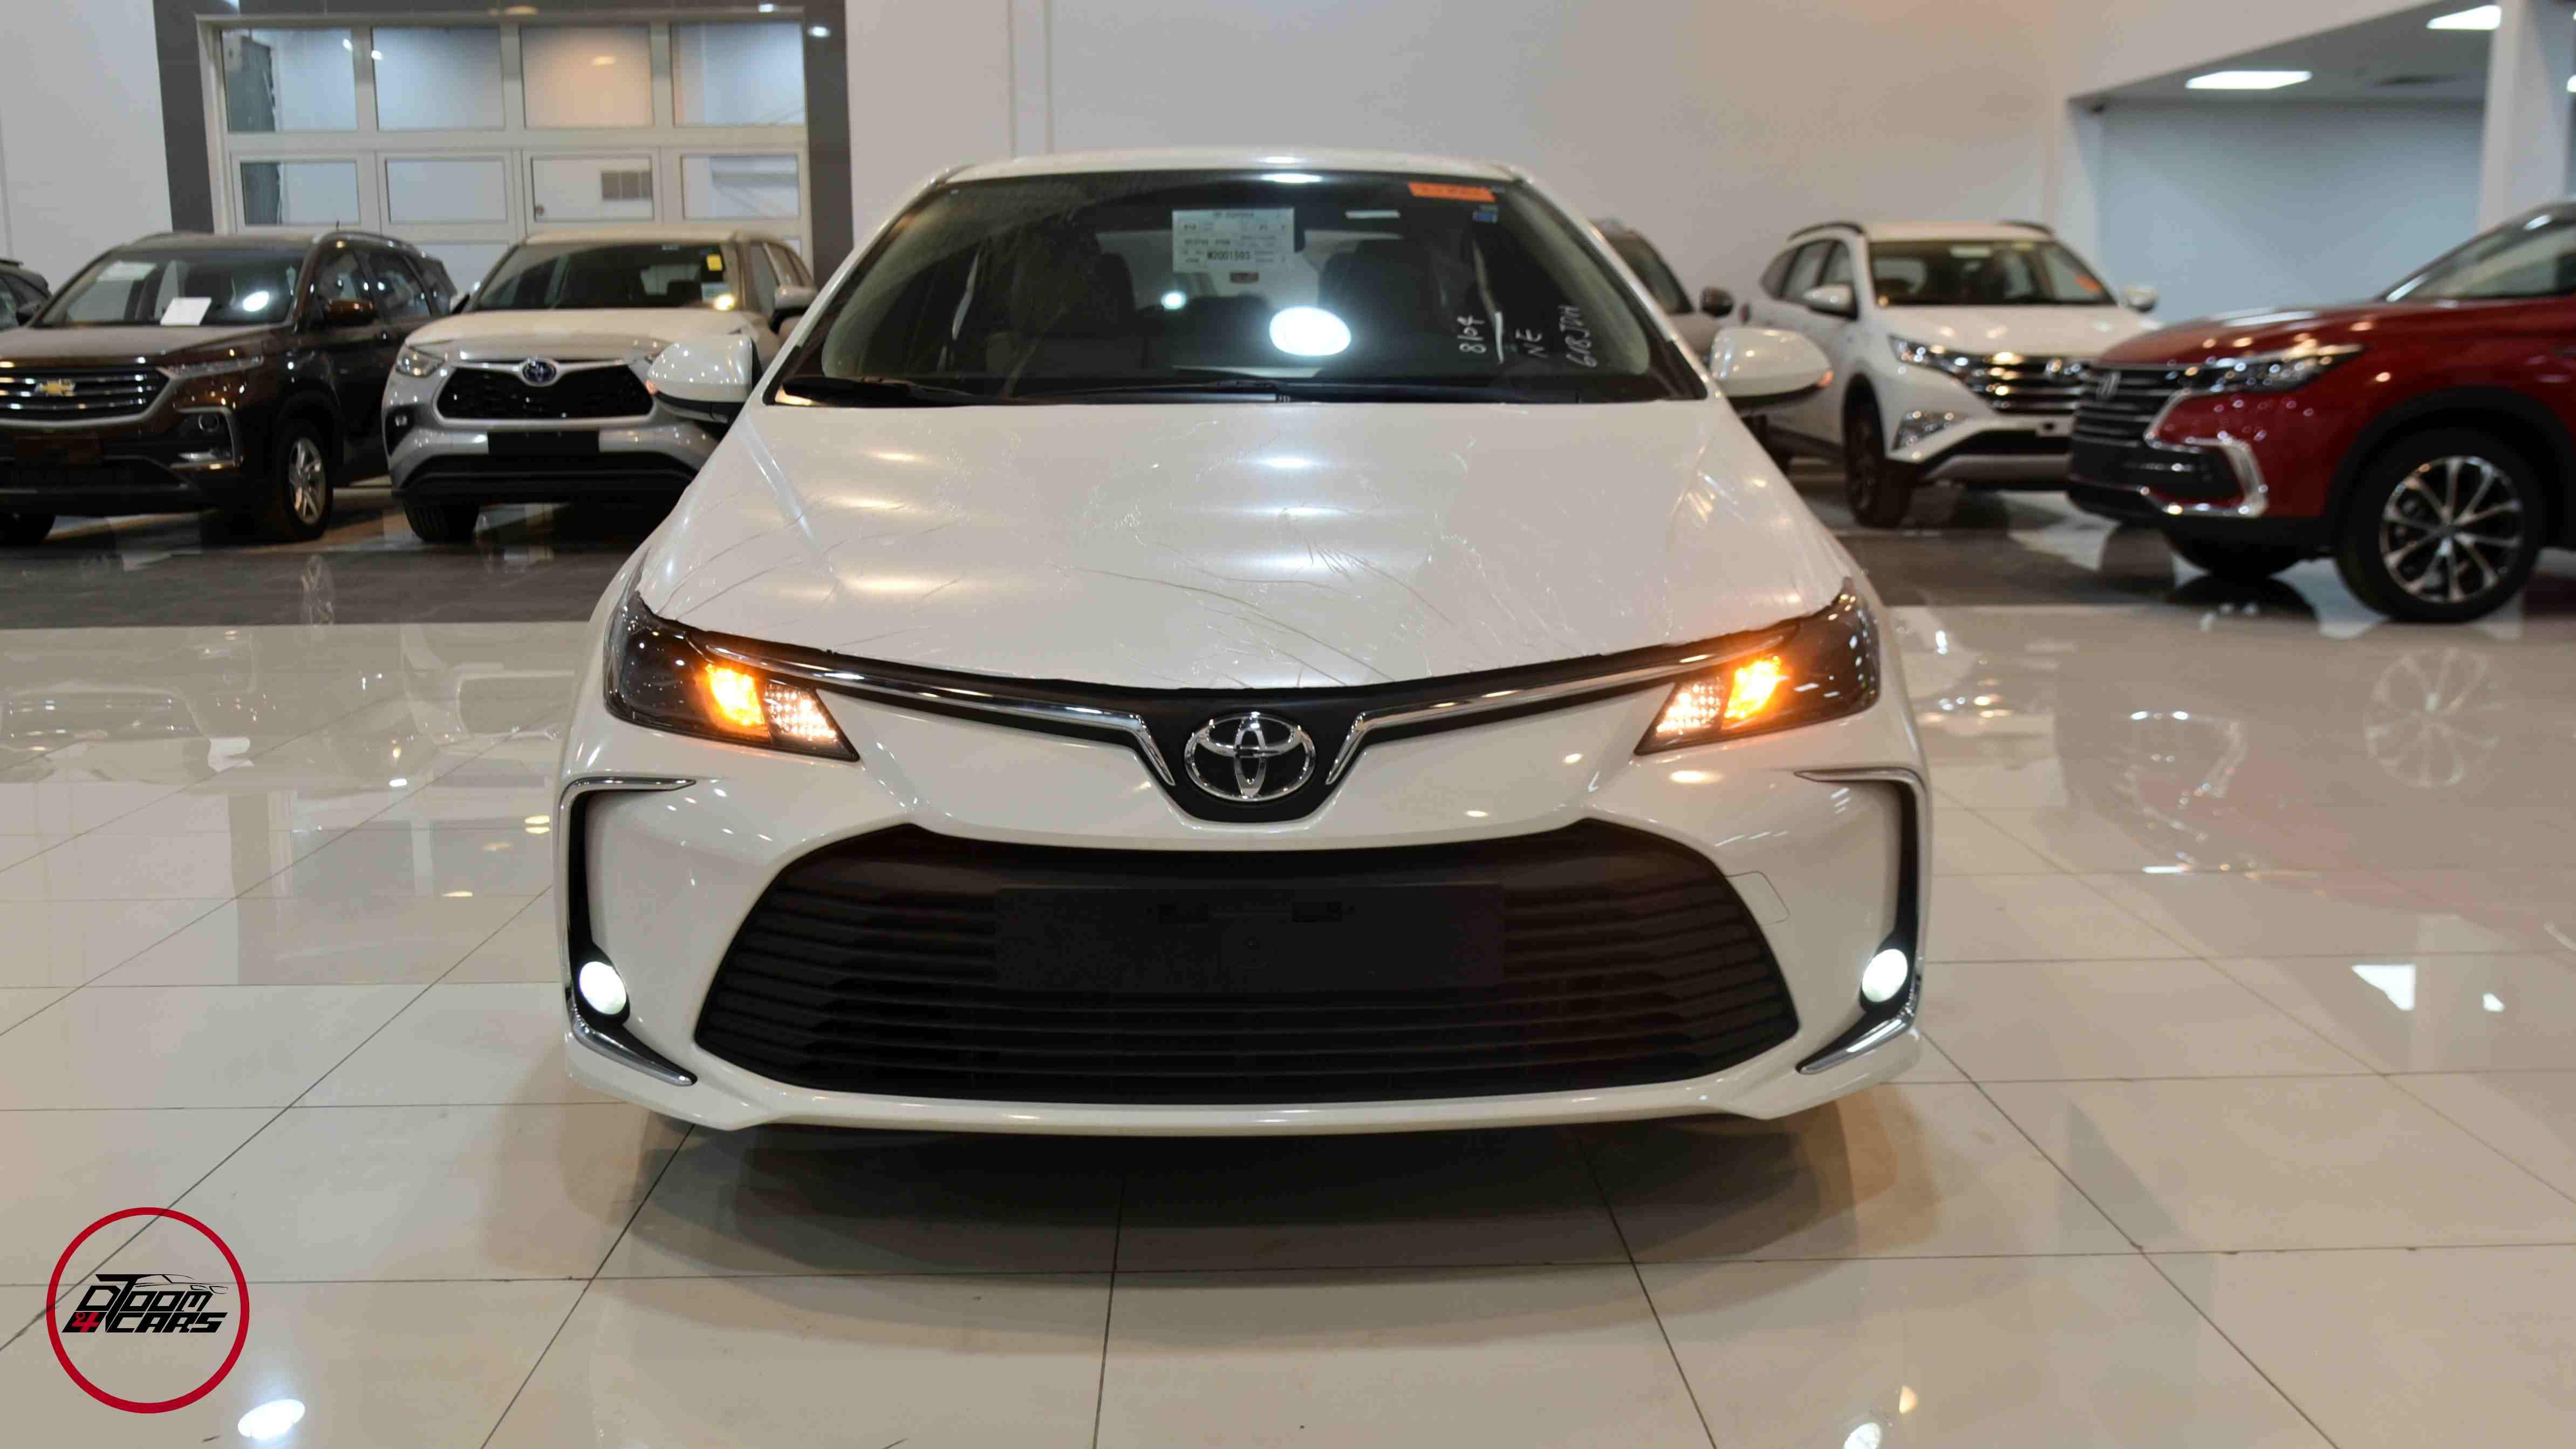 تويوتا كورولا 2021 ستاندر  XLi سعودي جديد للبيع في الرياض - السعودية - صورة كبيرة - 2